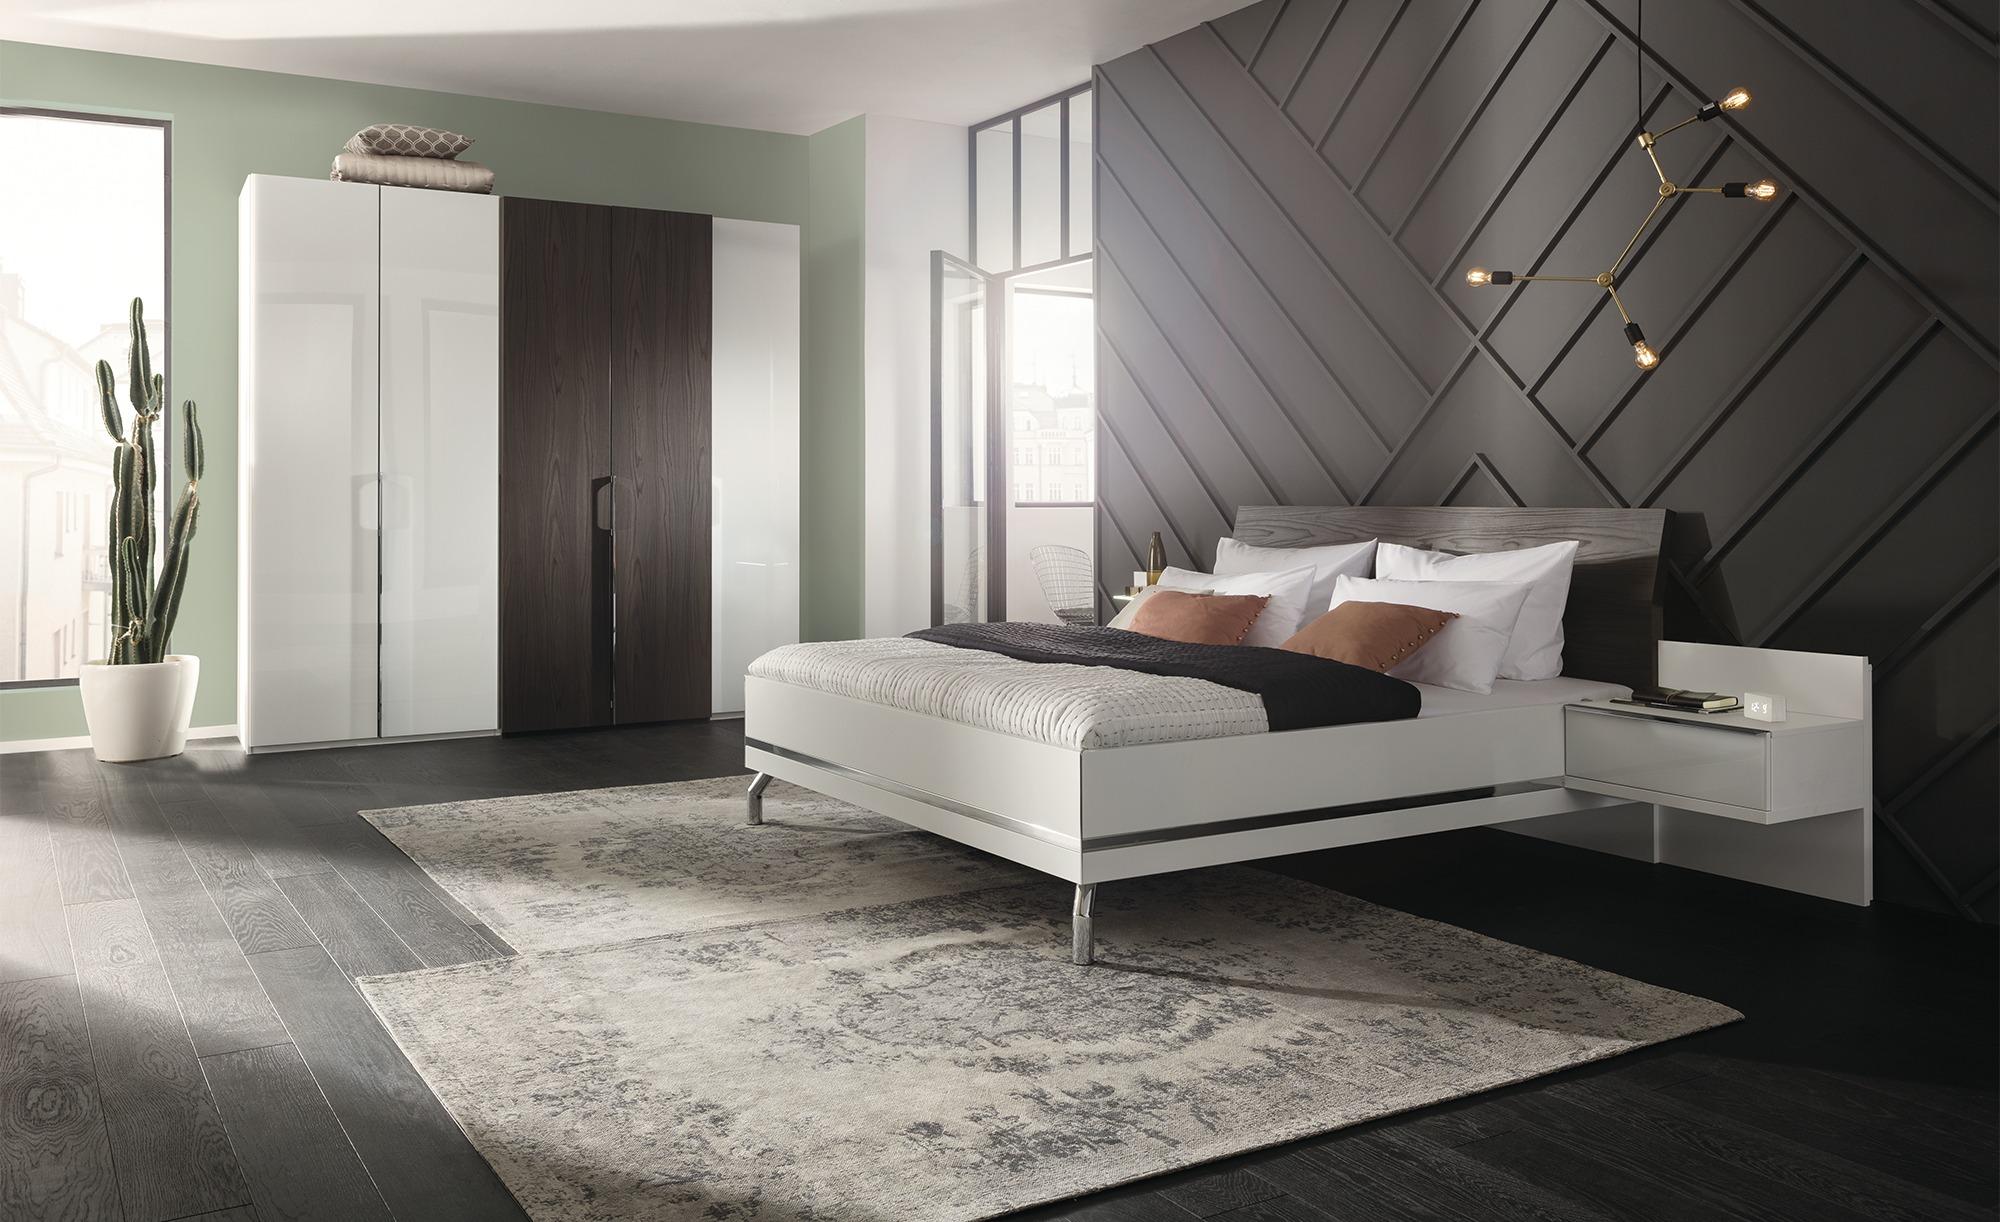 Komplett-Schlafzimmer, 4-teilig - weiß - Komplett-Schlafzimmer - Möbel Kraft | Schlafzimmer > Komplett-Schlafzimmer | Sconto